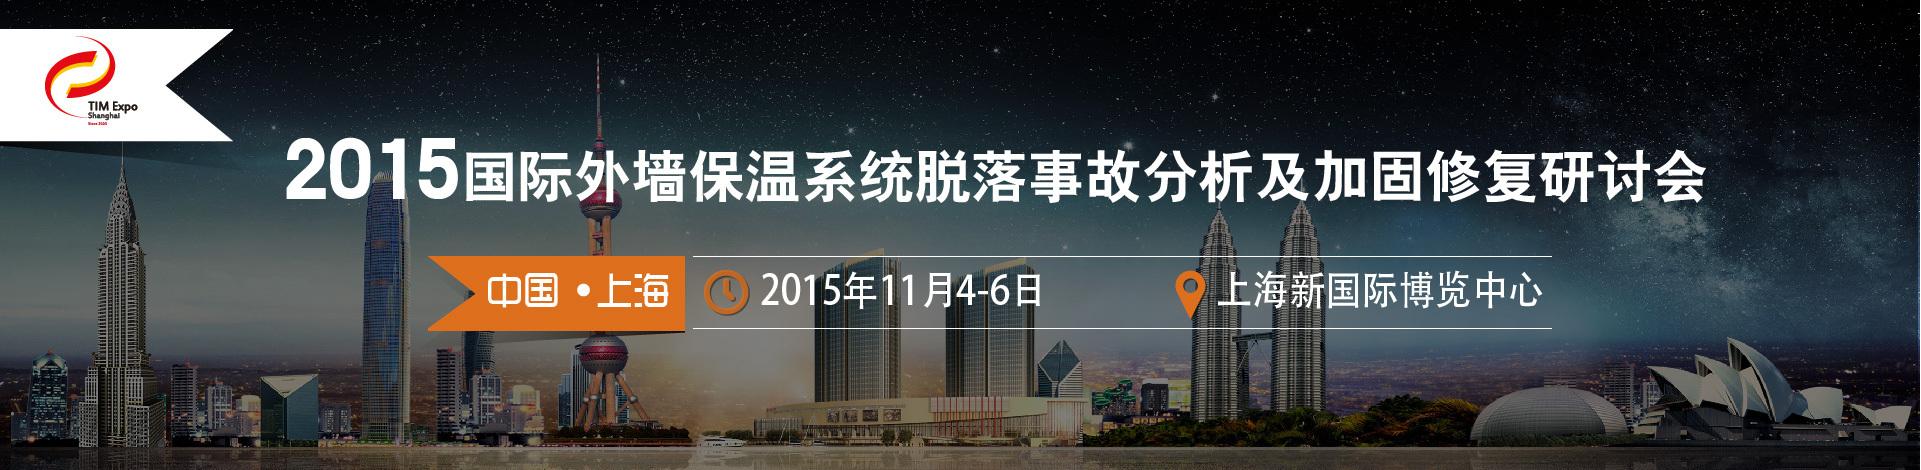 2015上海国际外墙保温系统脱落事故分析及加固修复研讨会